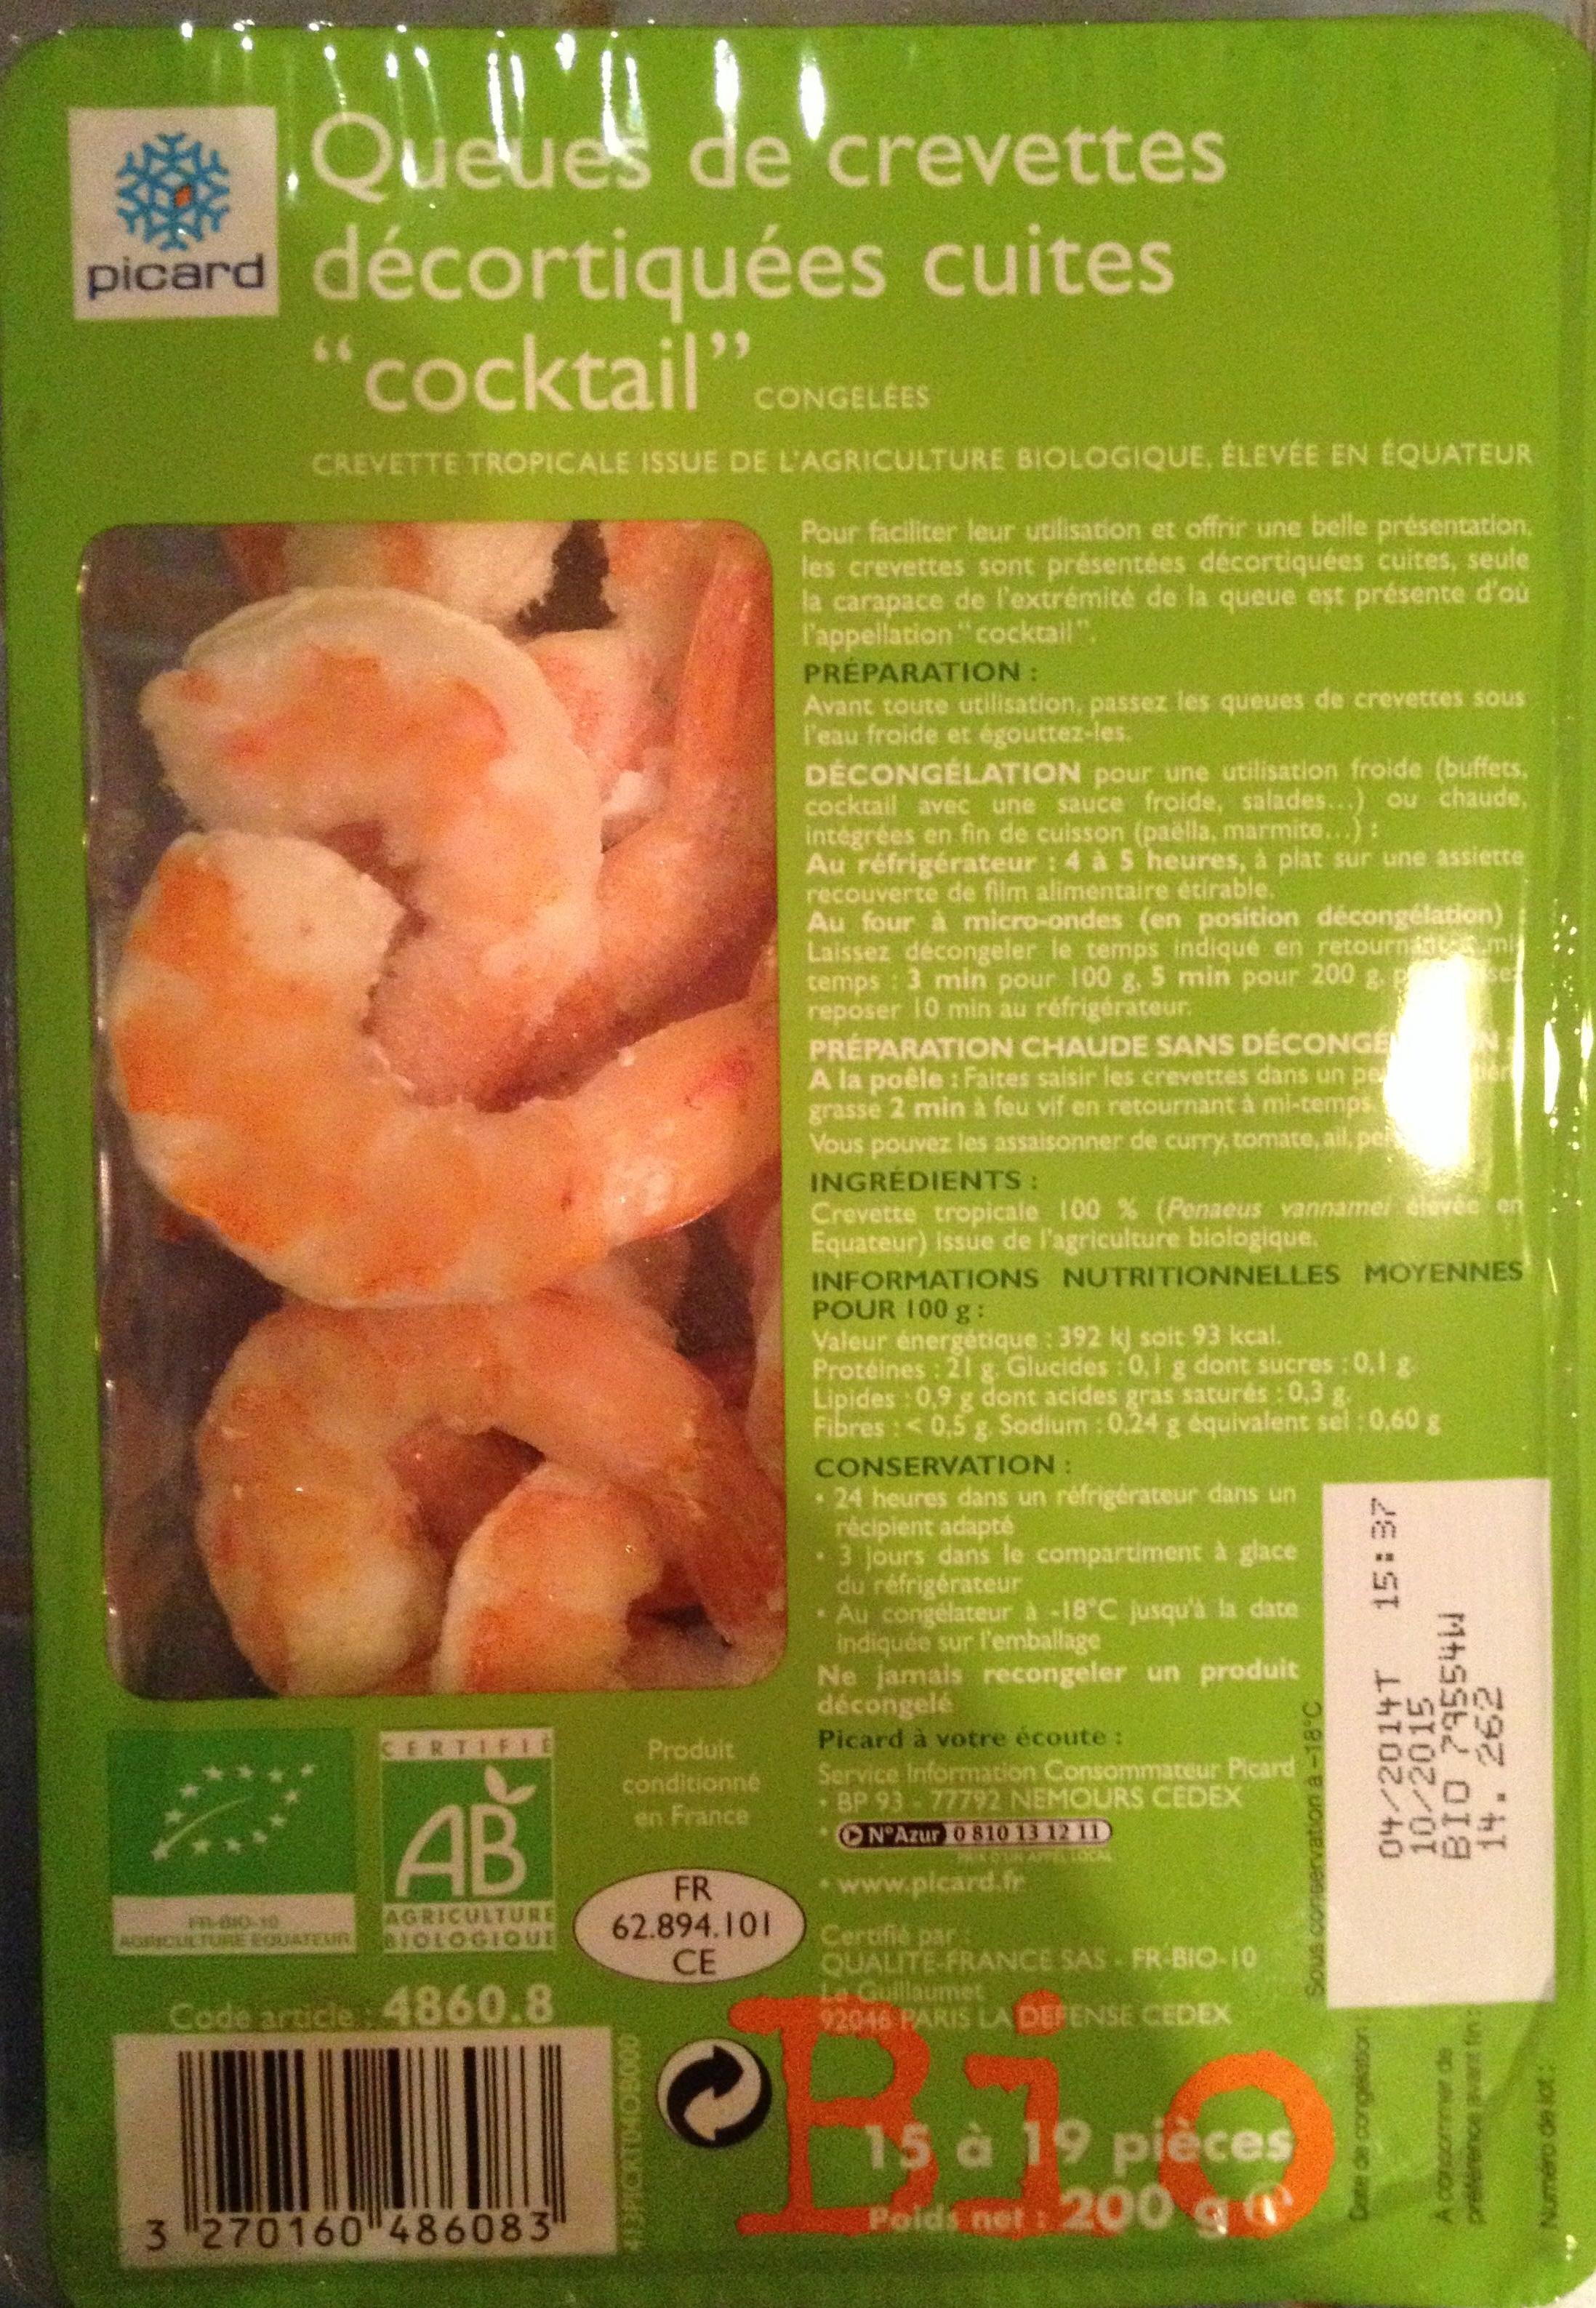 """Queue de crevettes décortiquées cuites """"coktail"""" - Product"""